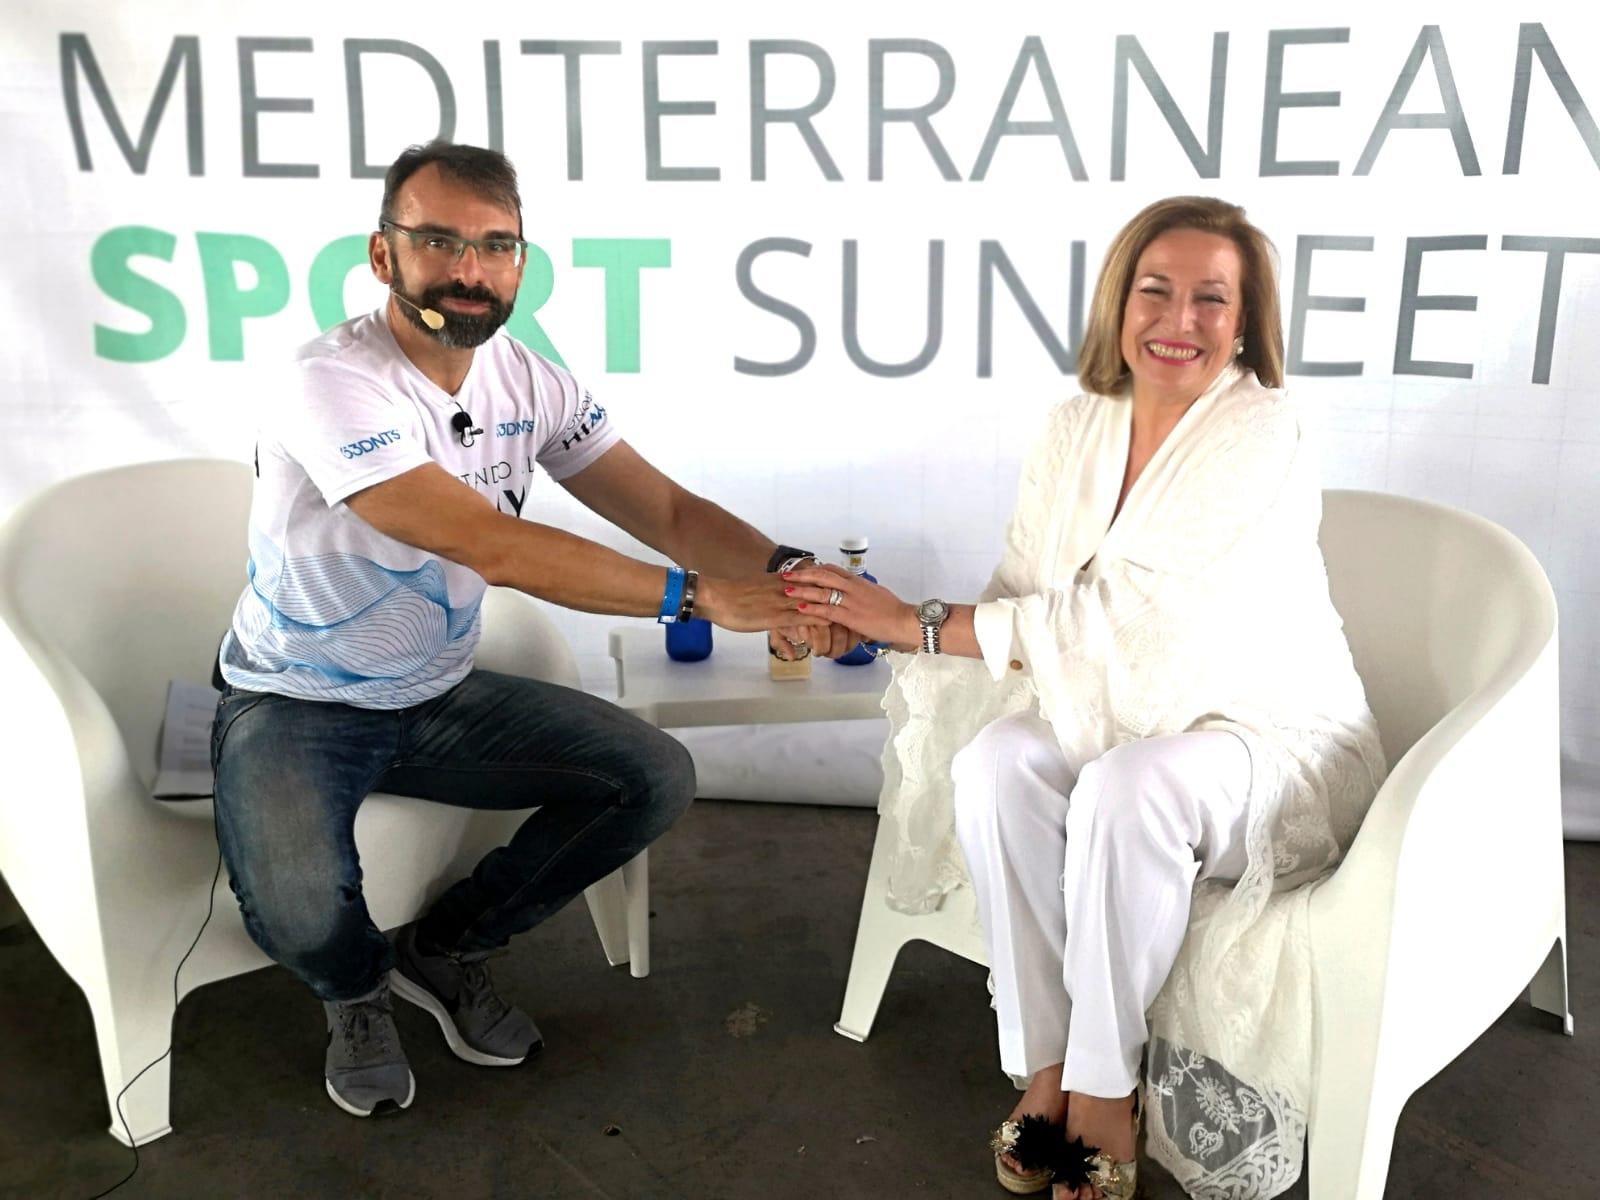 Presentamos el proyecto de superación personal Conquistando el Himalaya en el Mediterranean Sport Sunmeet